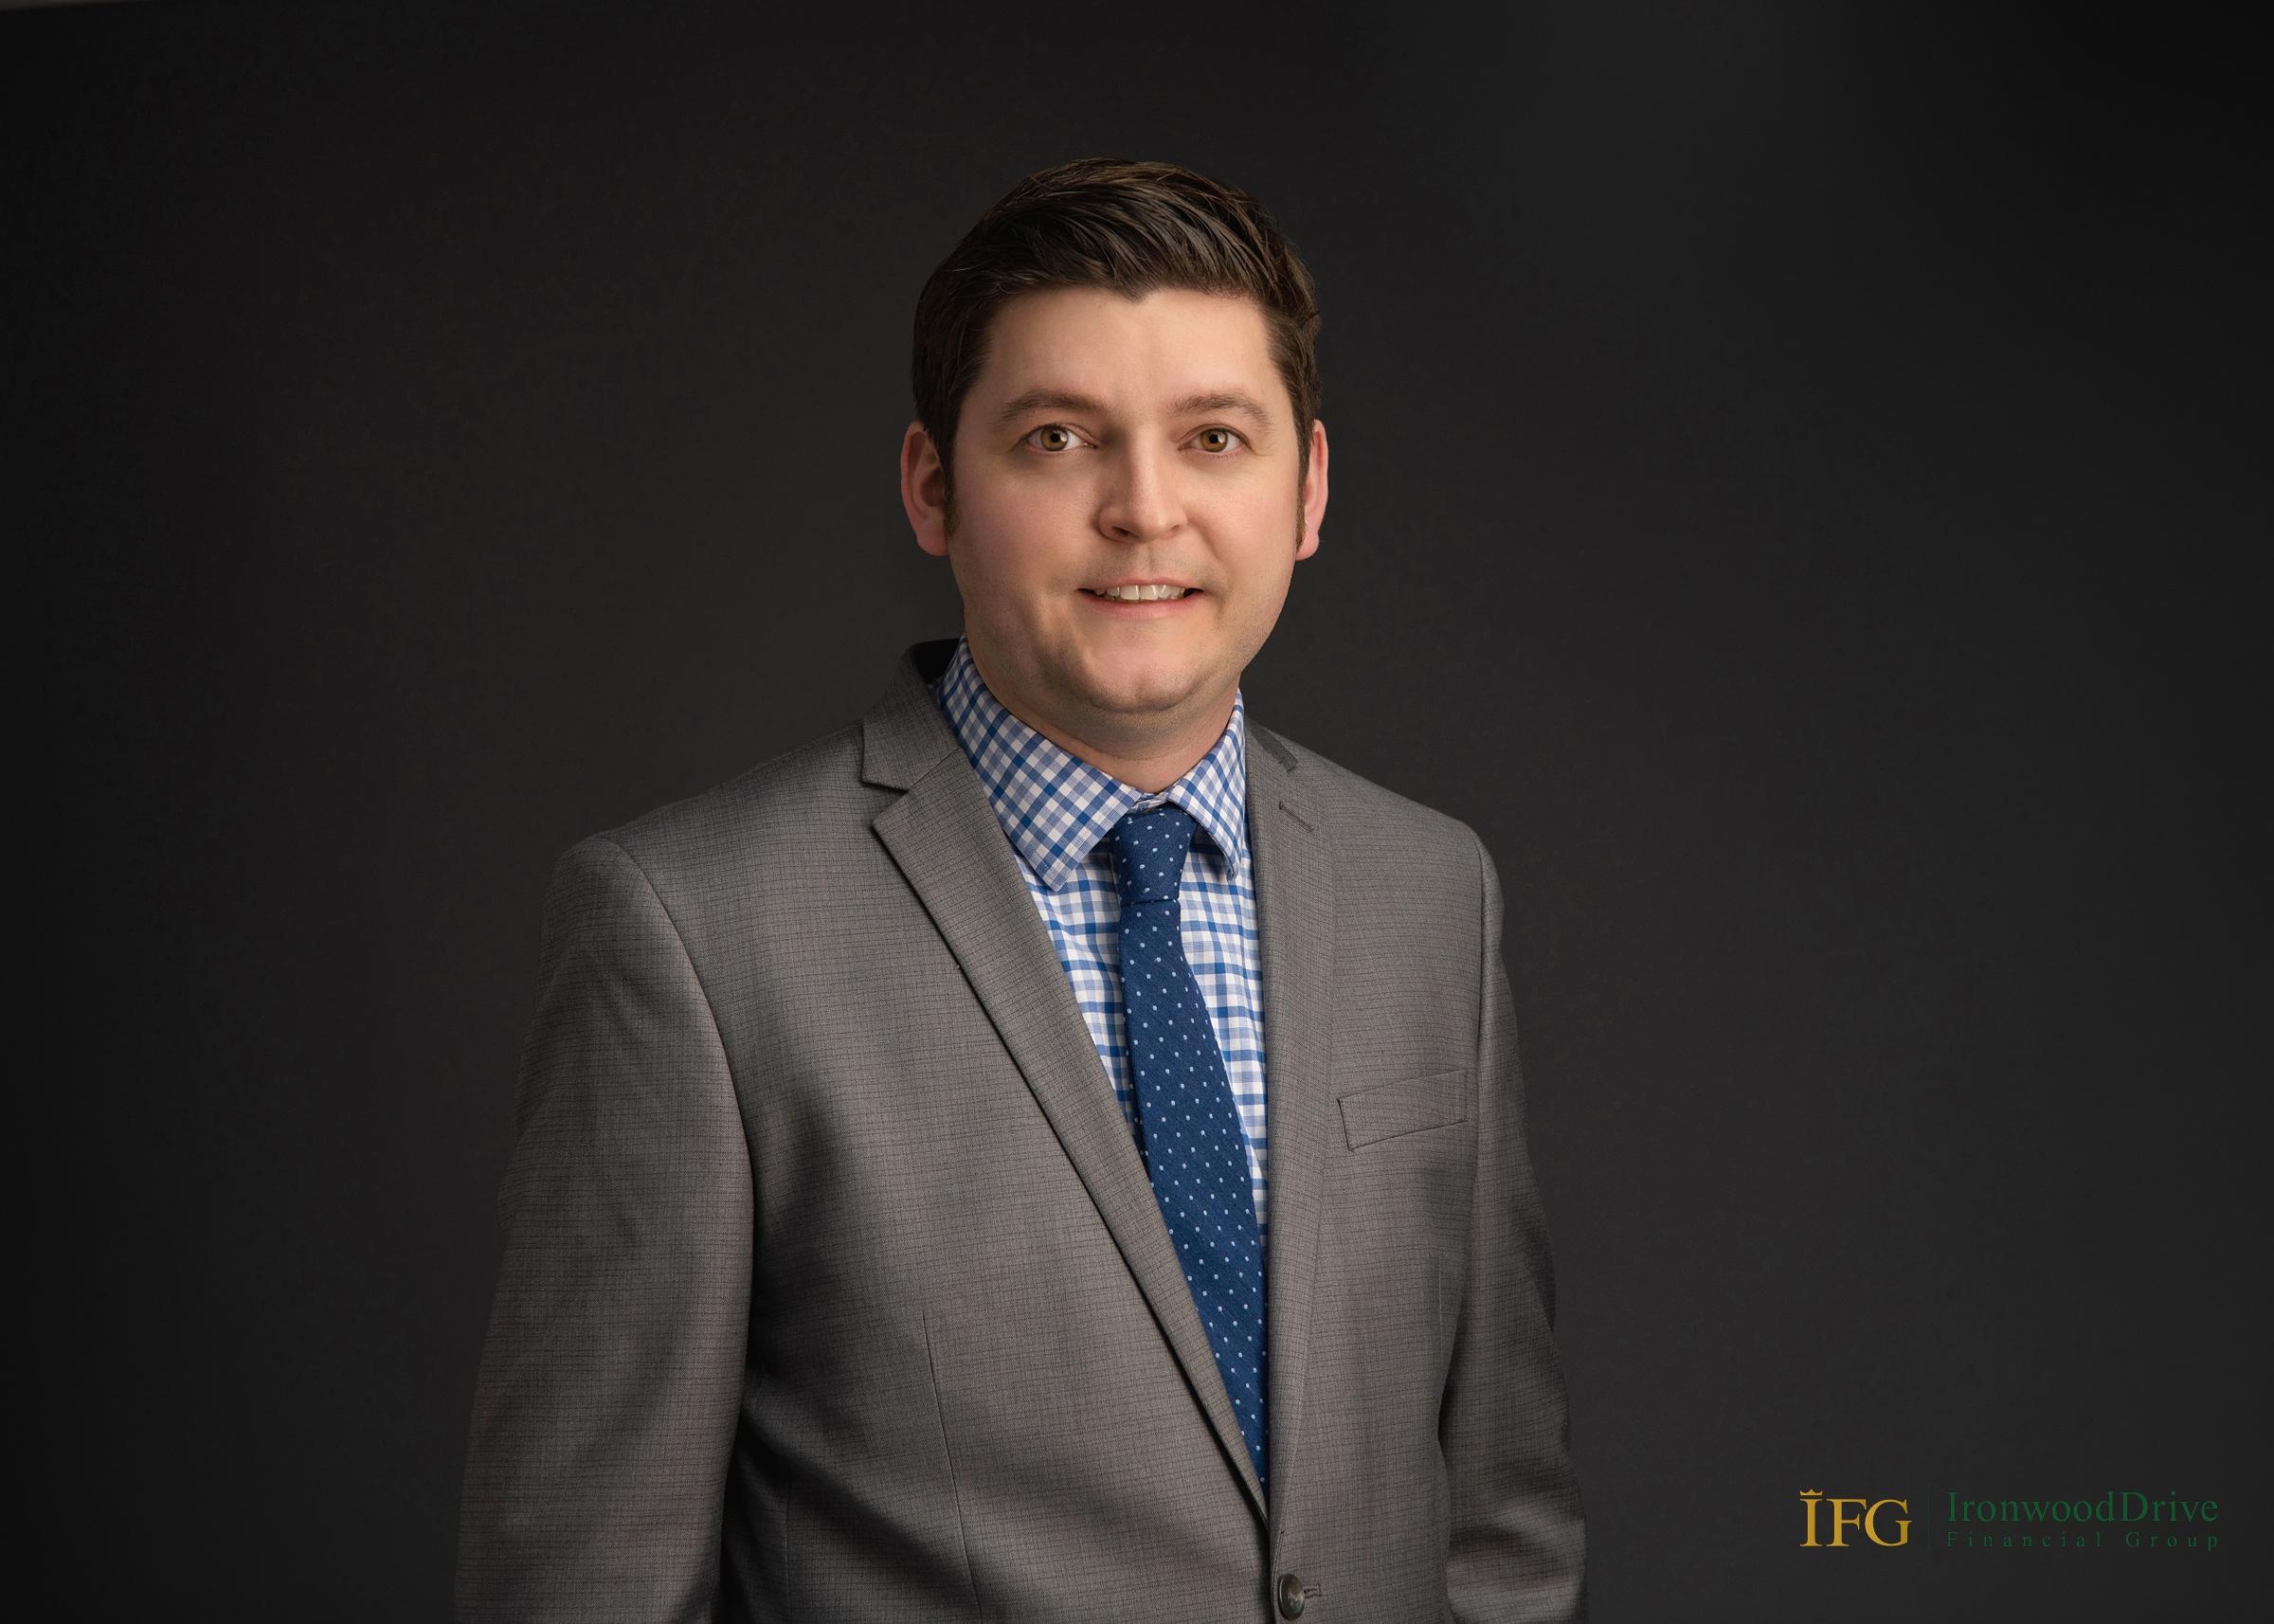 Aaron Koykkari